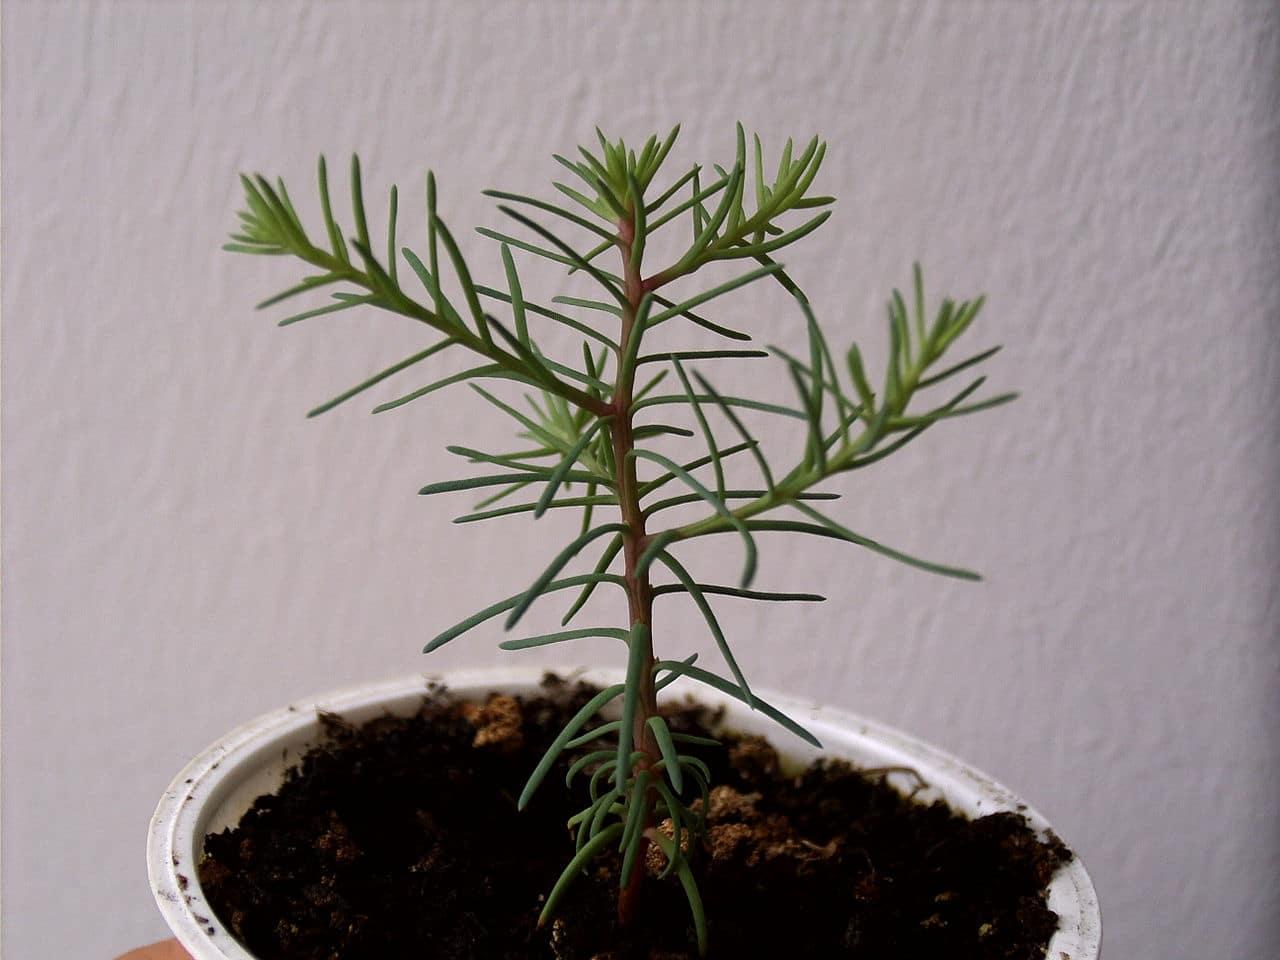 Las secuoyas son árboles de hoja perenne o caduca